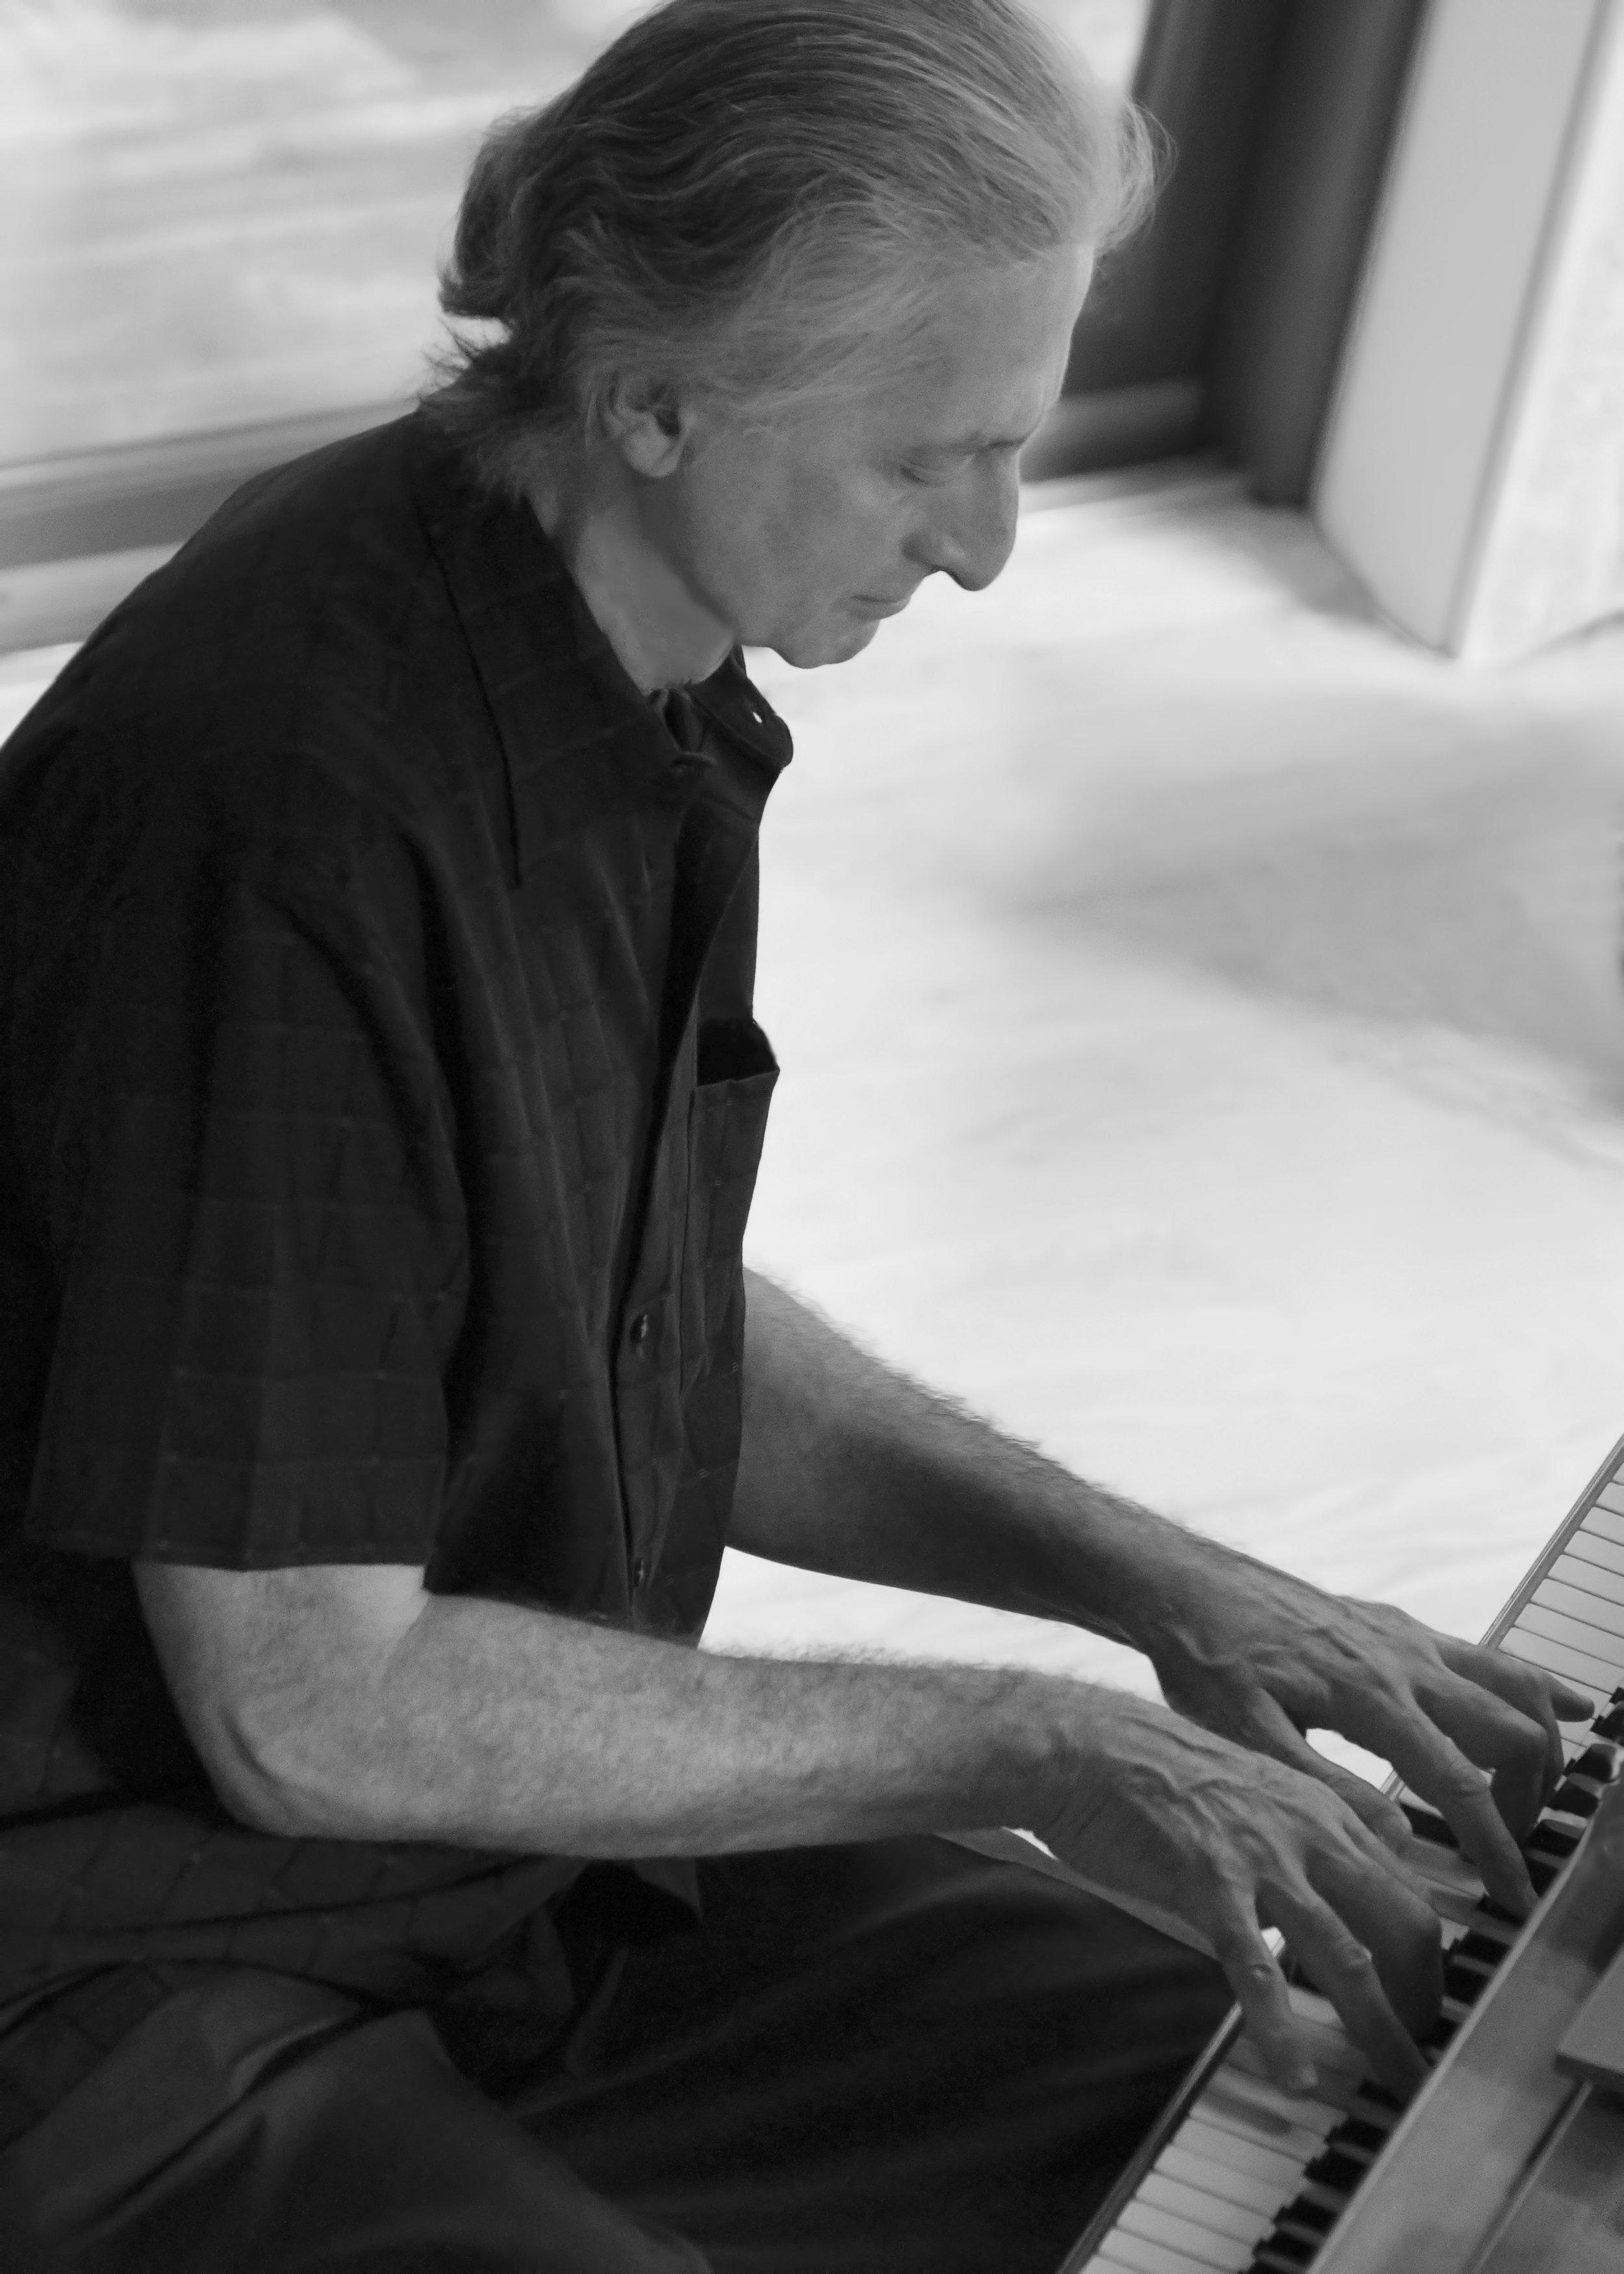 Armen Donelian (Pianist, Composer)